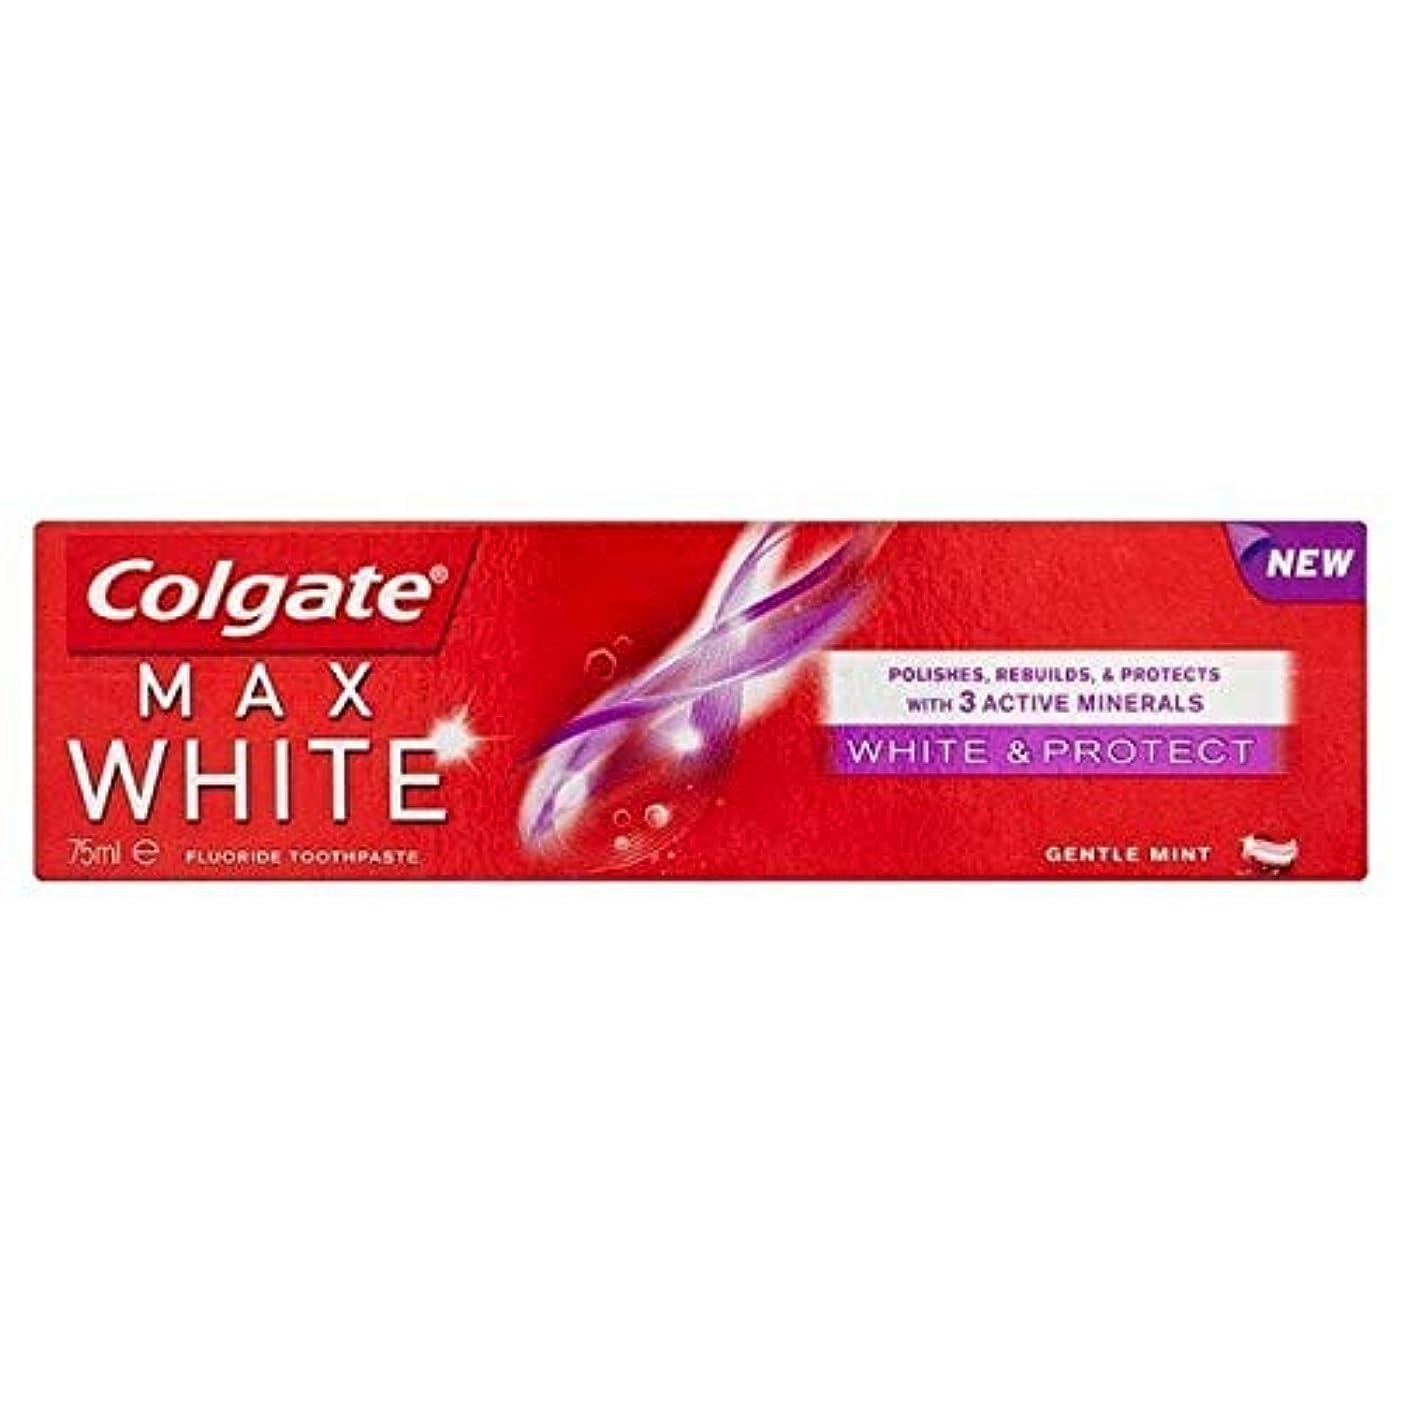 富豪ダイバーコーデリア[Colgate ] コルゲートマックスホワイトホワイトニング&歯磨き粉75ミリリットルを保護 - Colgate Max White Whitening & Protect Toothpaste 75ml [並行輸入品]